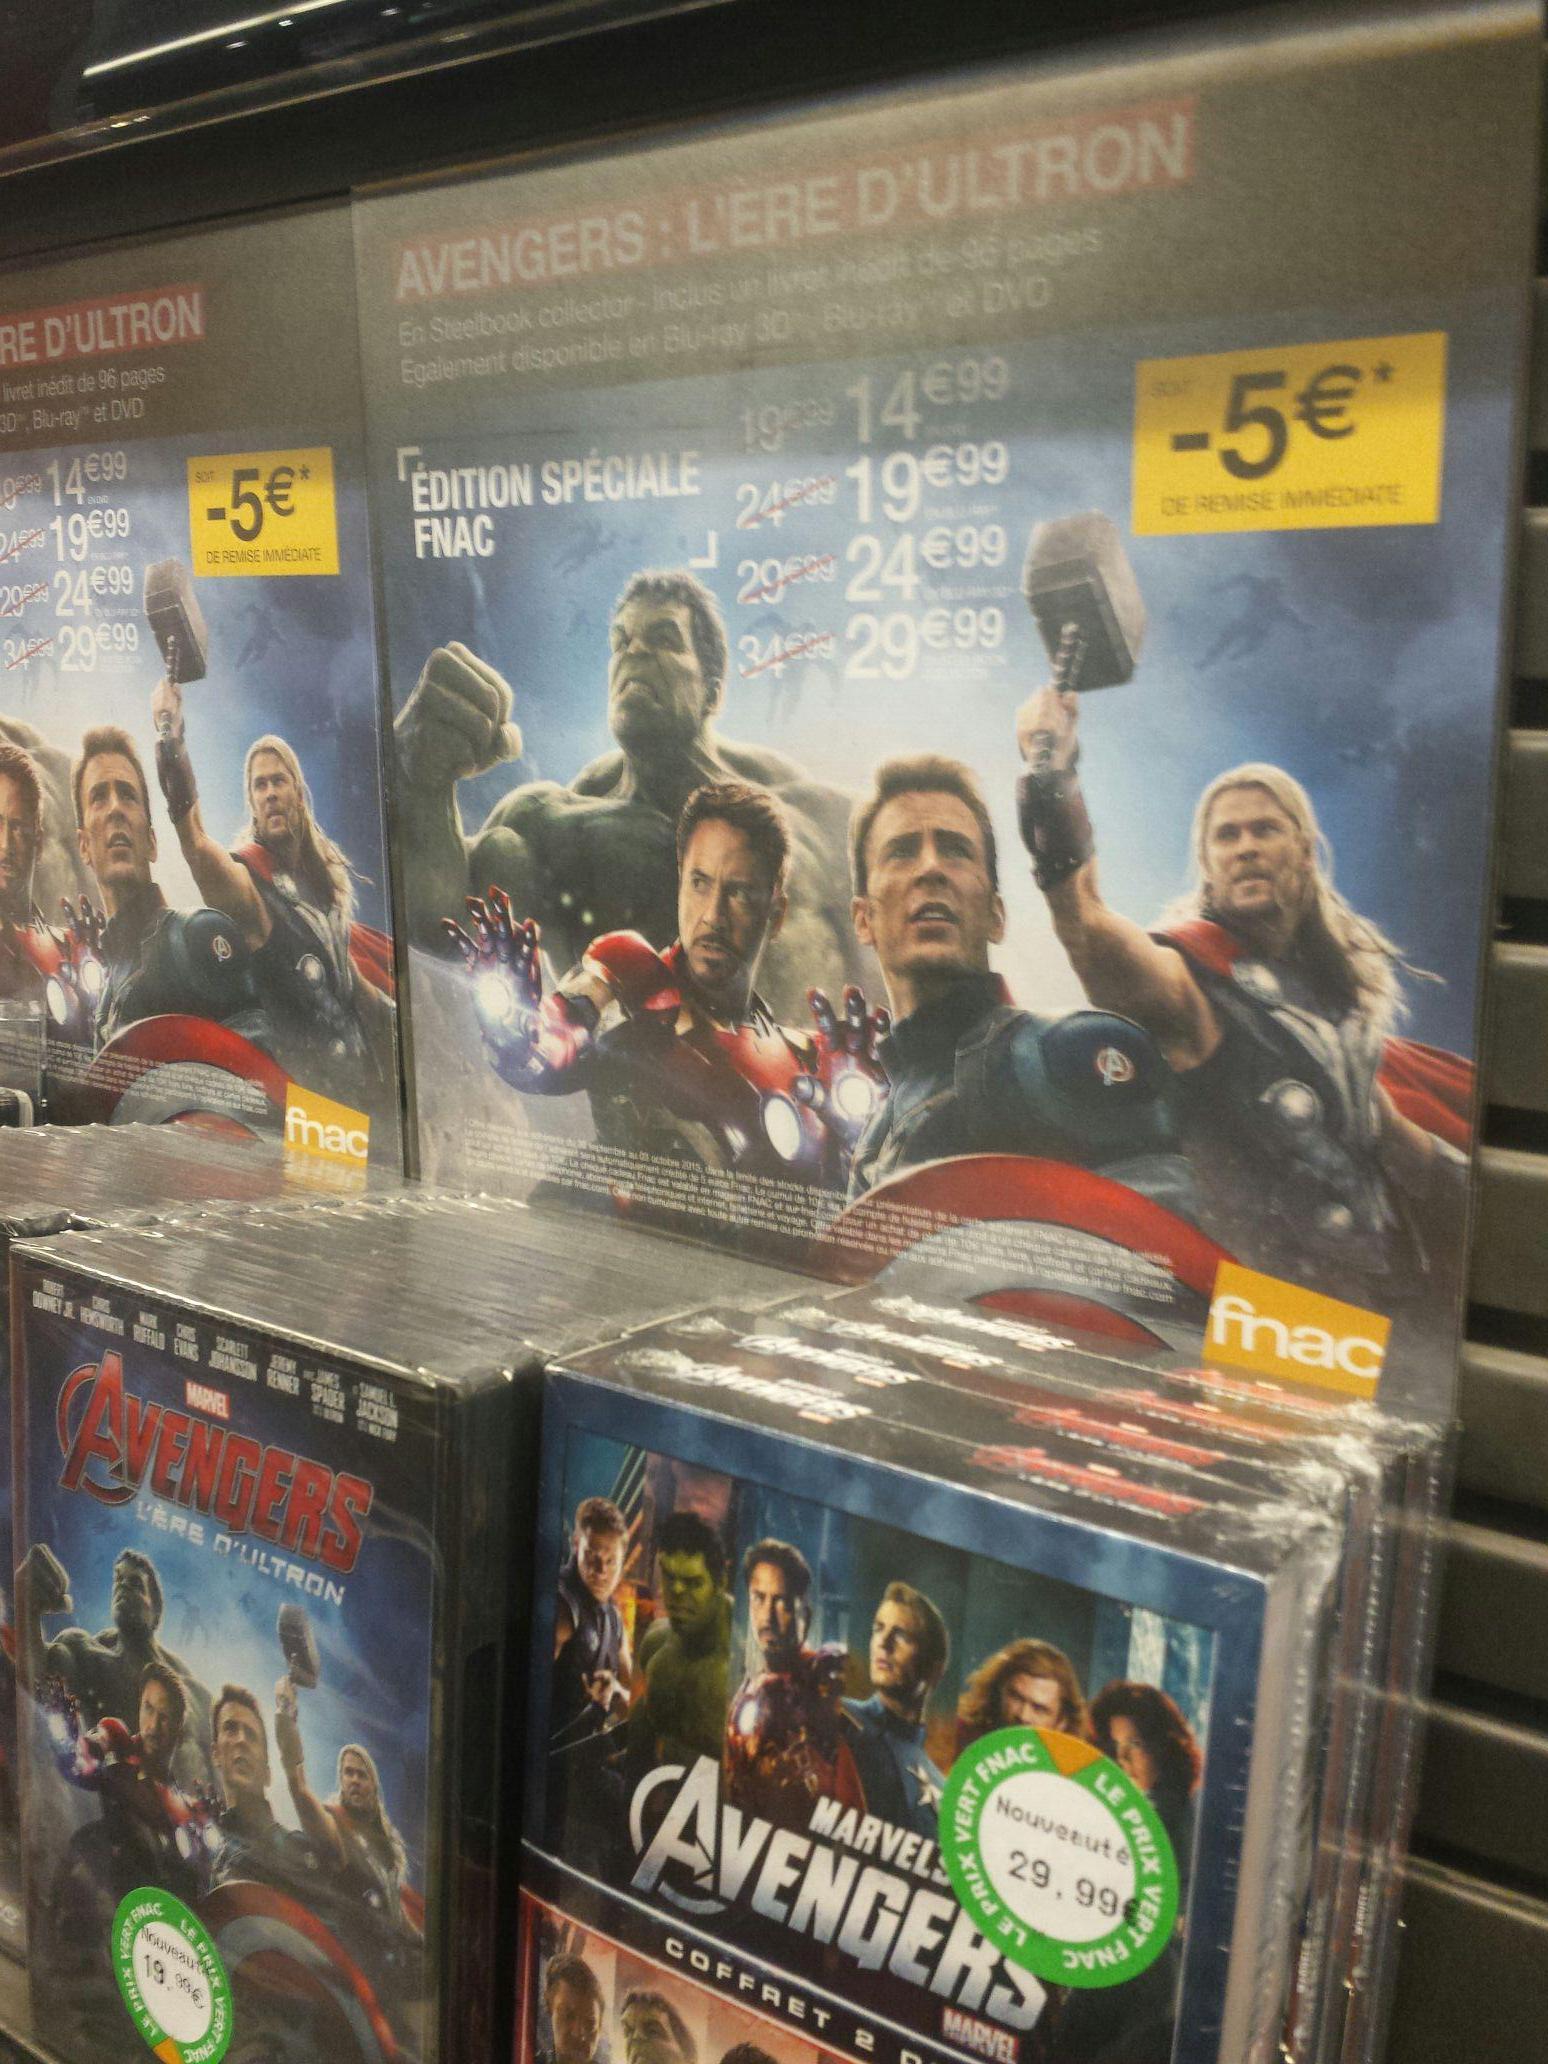 [Adhérents] Avengers : L'ère d'Ultron Steelbook Combo Blu-ray 3D + 2D Edition Spéciale Fnac